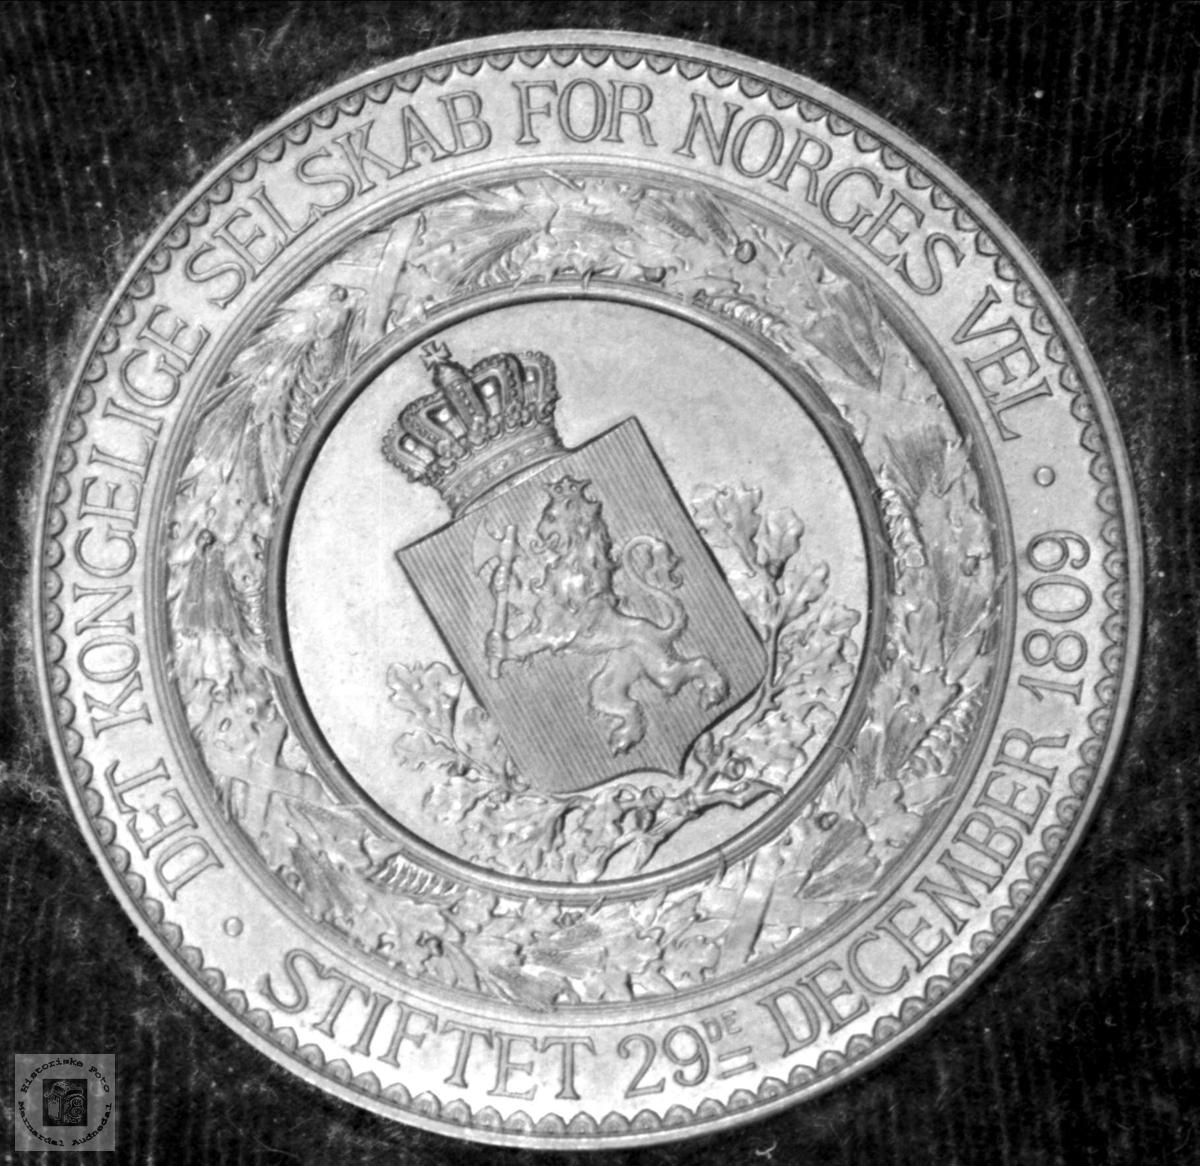 Medalje fra Norges Vel